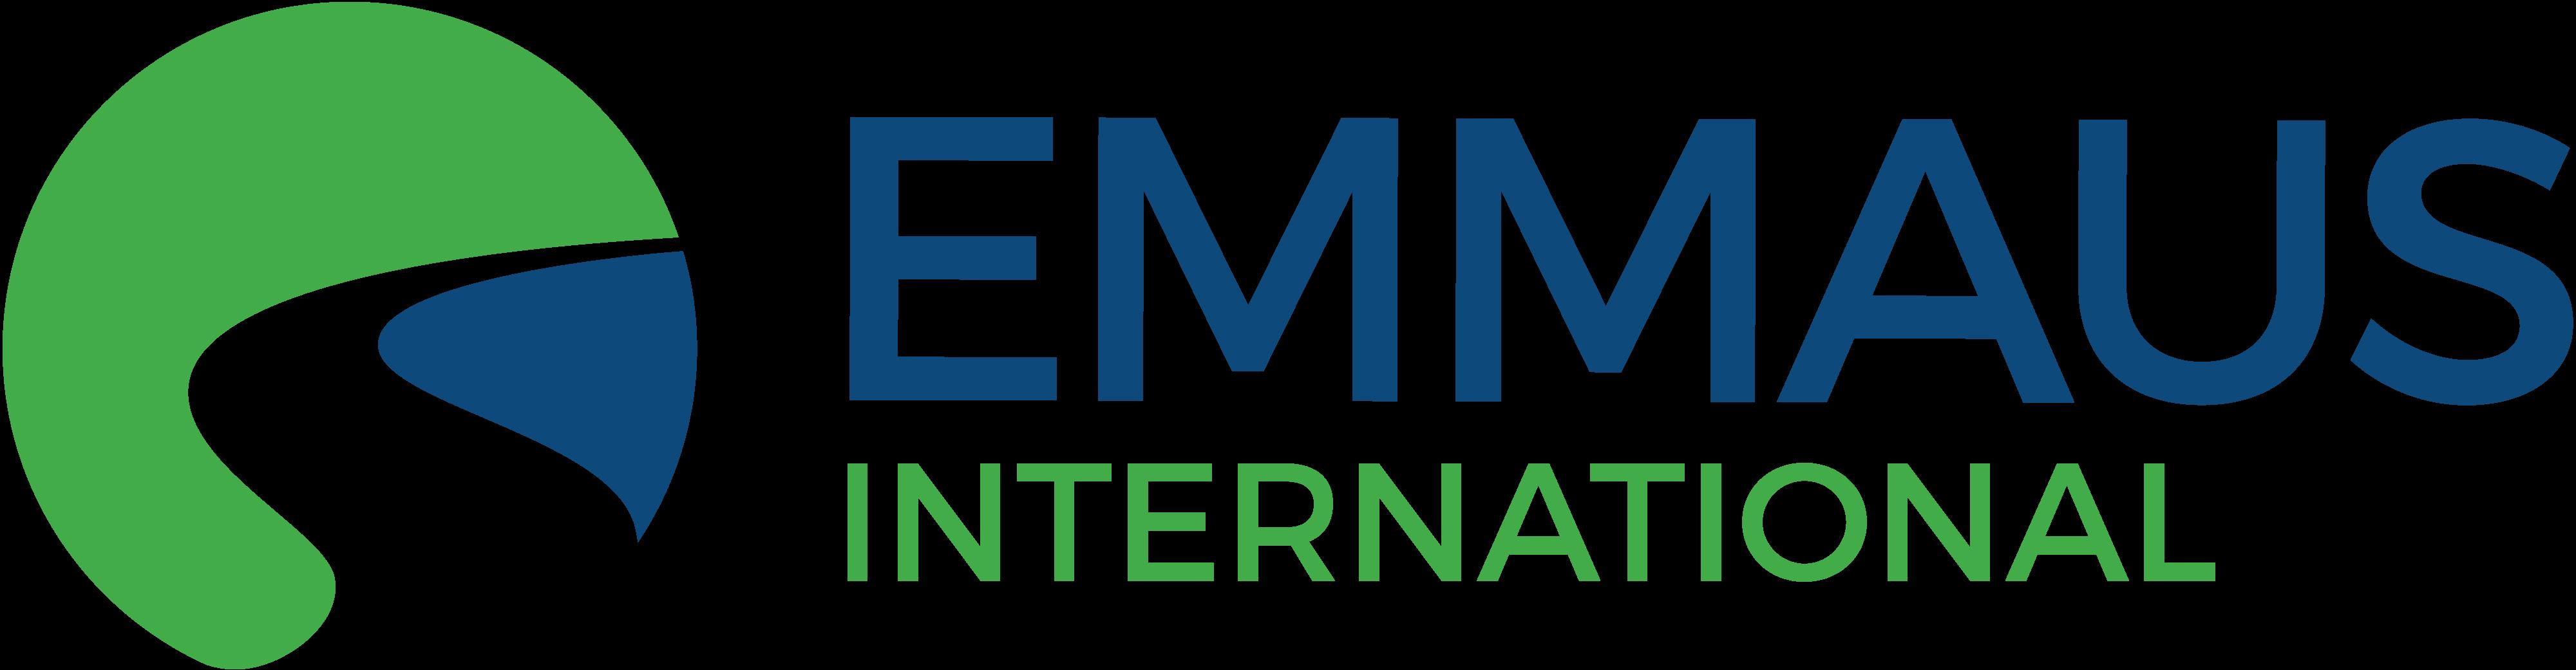 Image result for emmaus international logo